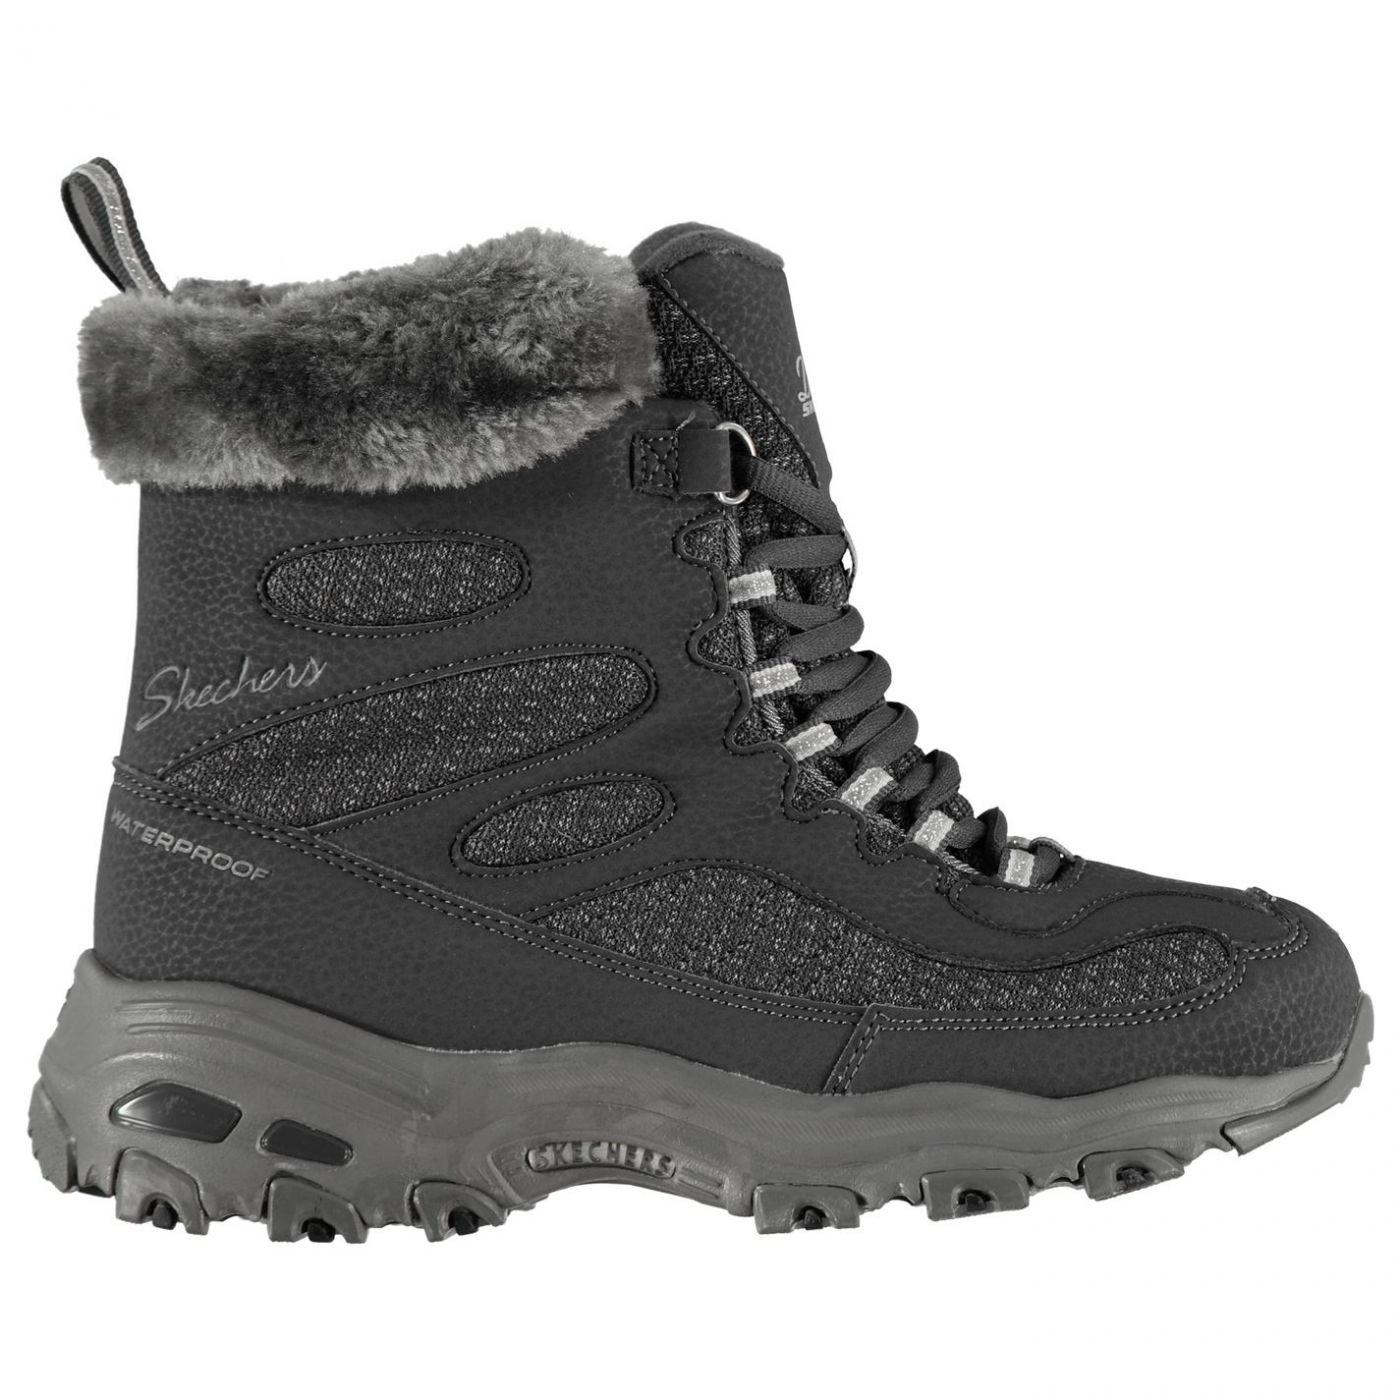 Skechers D'lites BC Ladies Boots